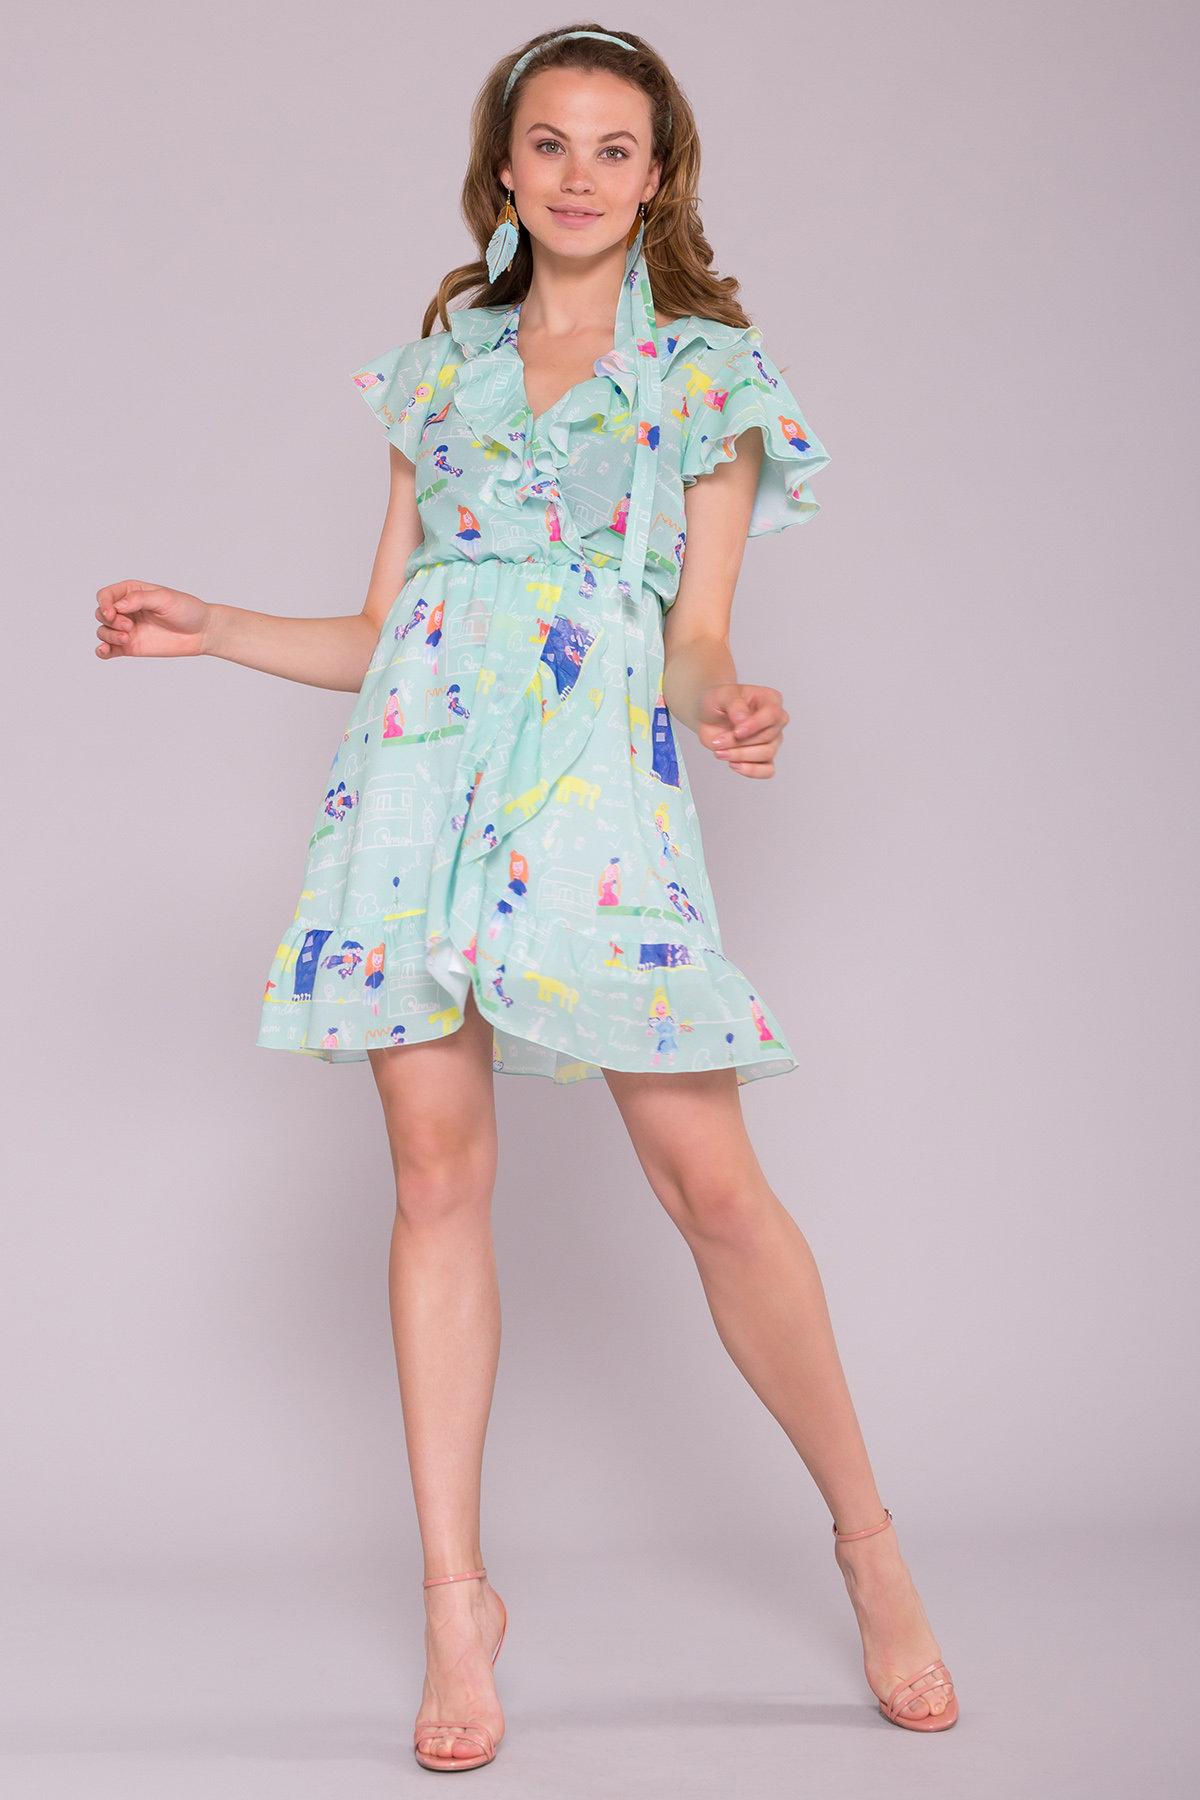 Платье Лигра 7096 АРТ. 42523 Цвет: Мята Детские рисунки 14/2 - фото 3, интернет магазин tm-modus.ru